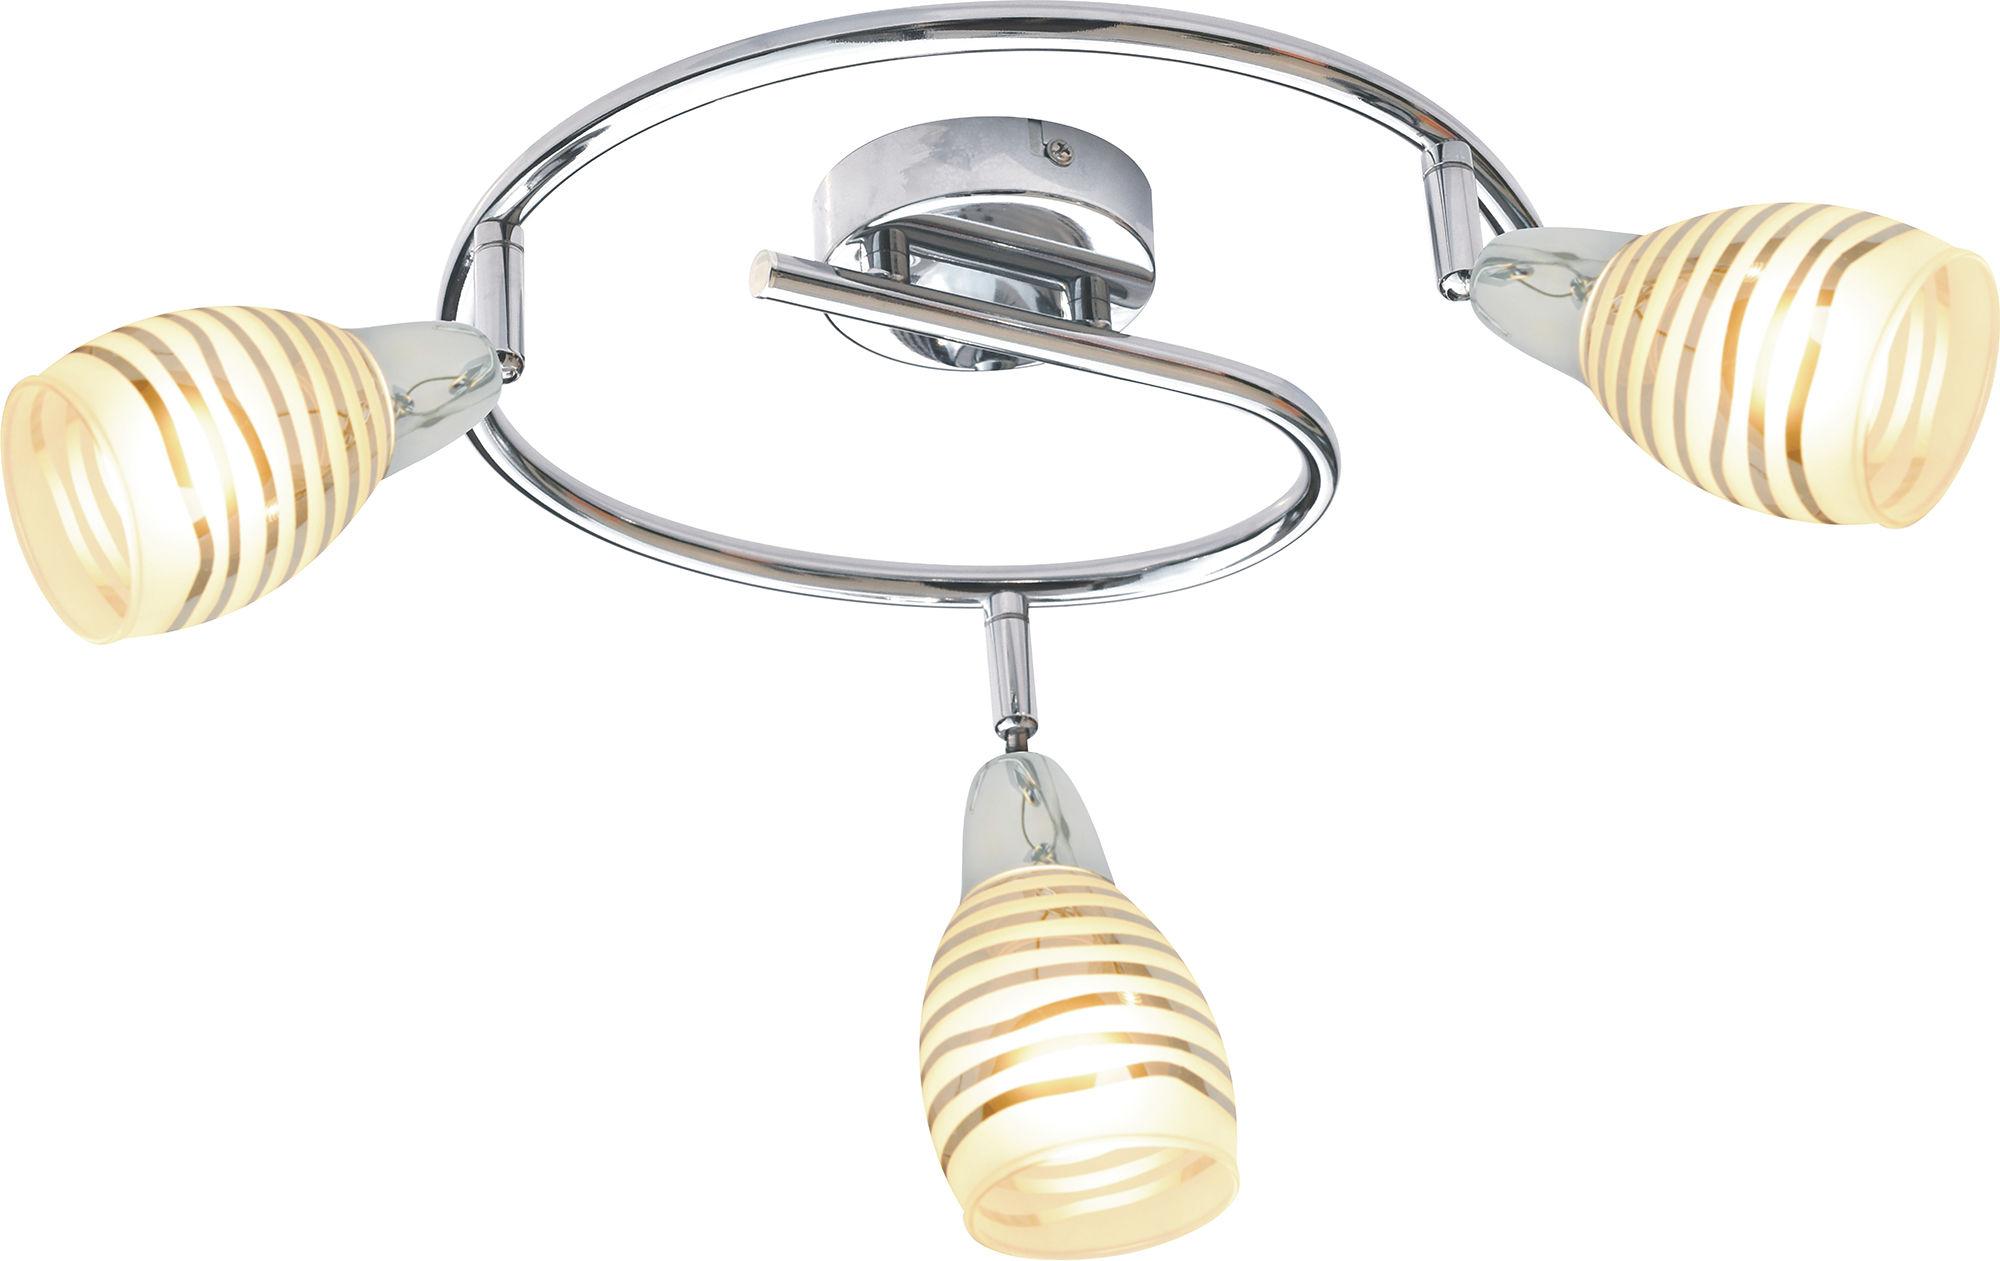 Candellux JUBILAT 98-55705 plafon lampa sufitowa chrom szklany klosz 3X10W E14 LED 38cm